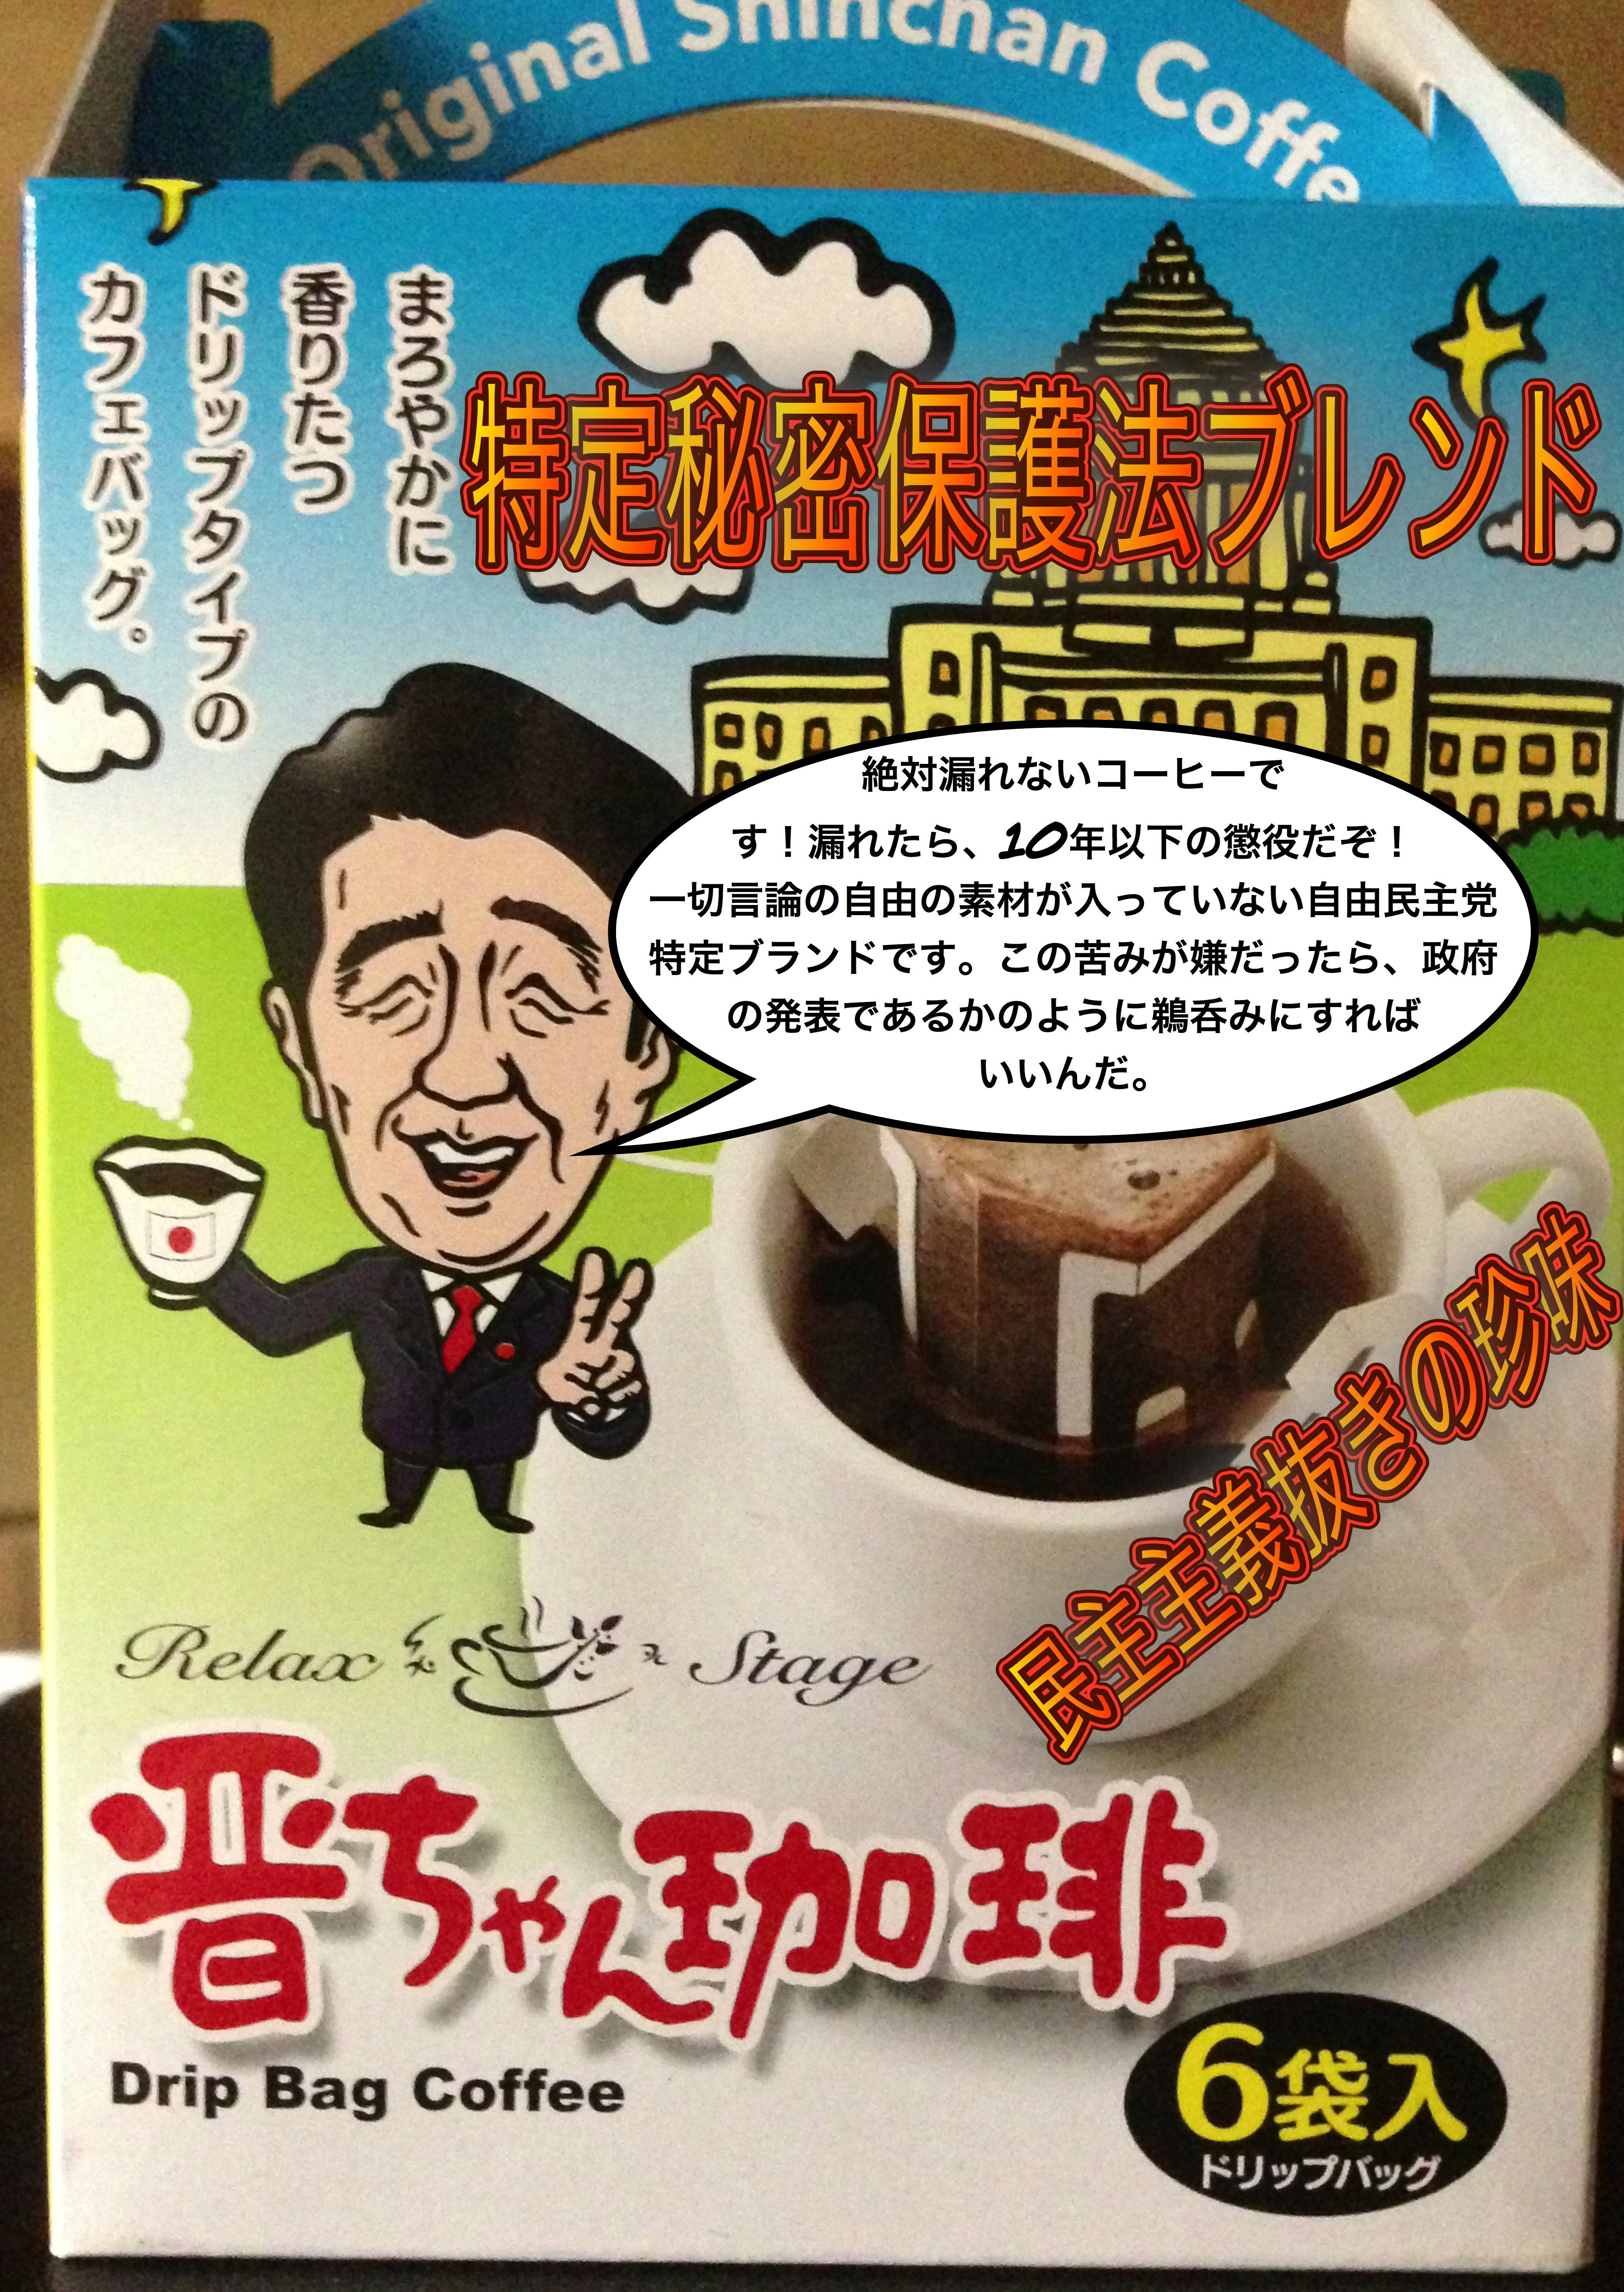 日本外国特派員協会「特定秘密保護法案」に抗議「報道の自由」への脅威と糾弾